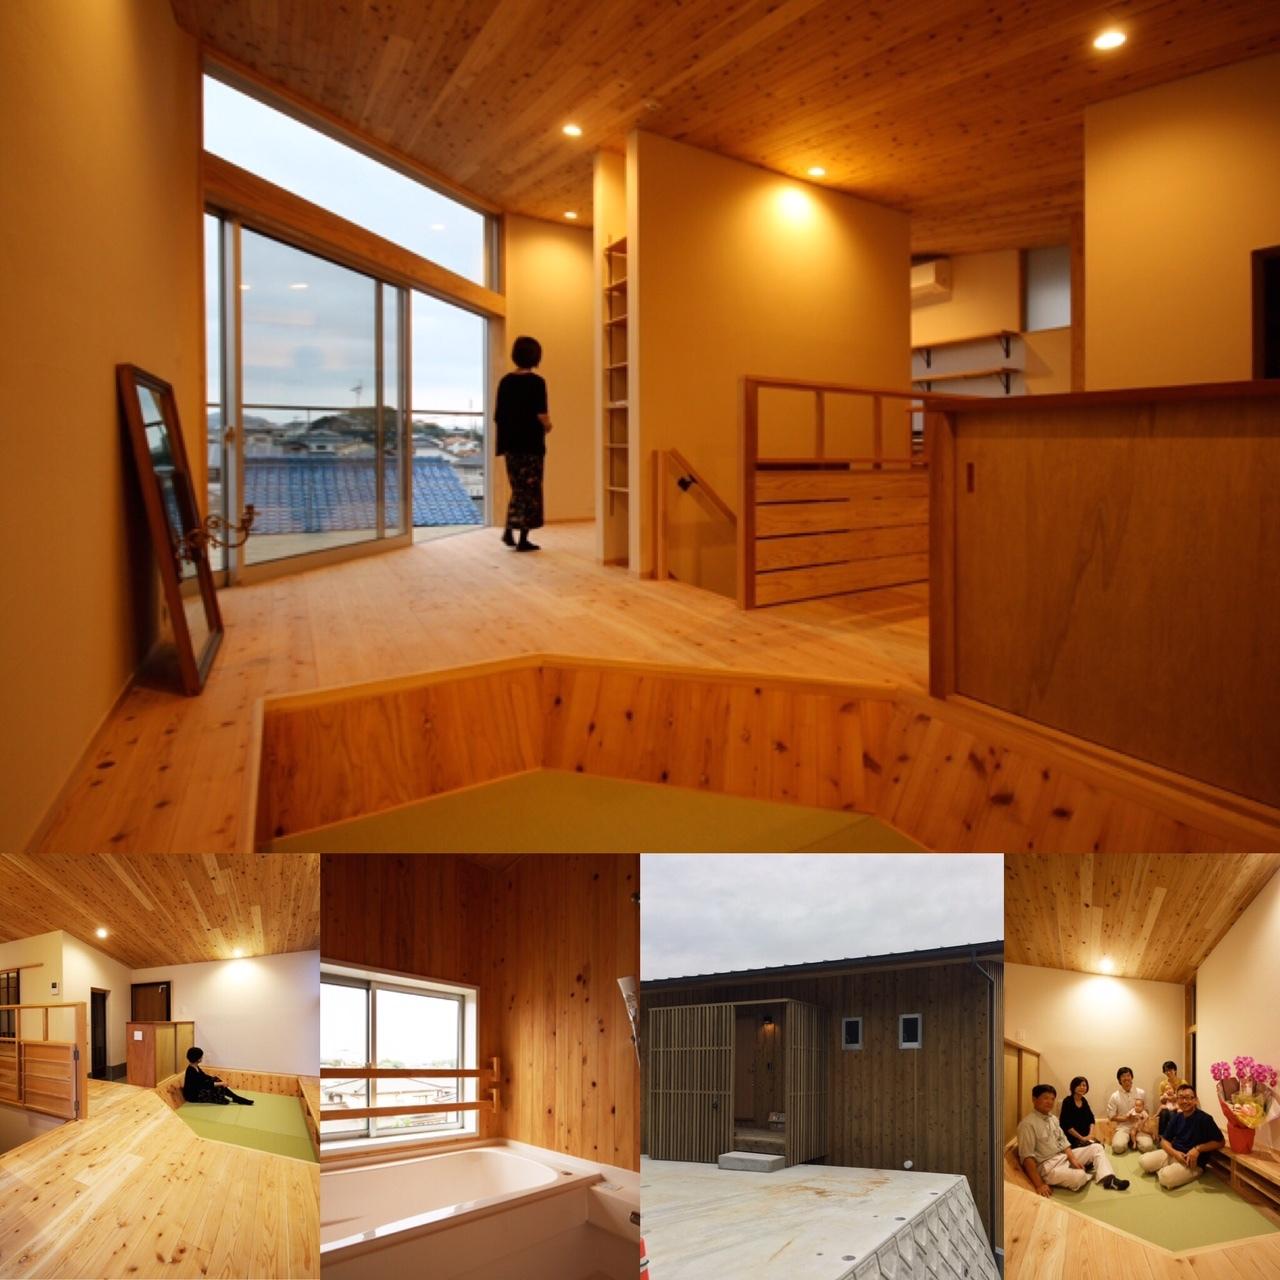 「みかん畑に建つ2階リビングの家」のスライドショーをupしました♪_e0029115_18393520.jpg